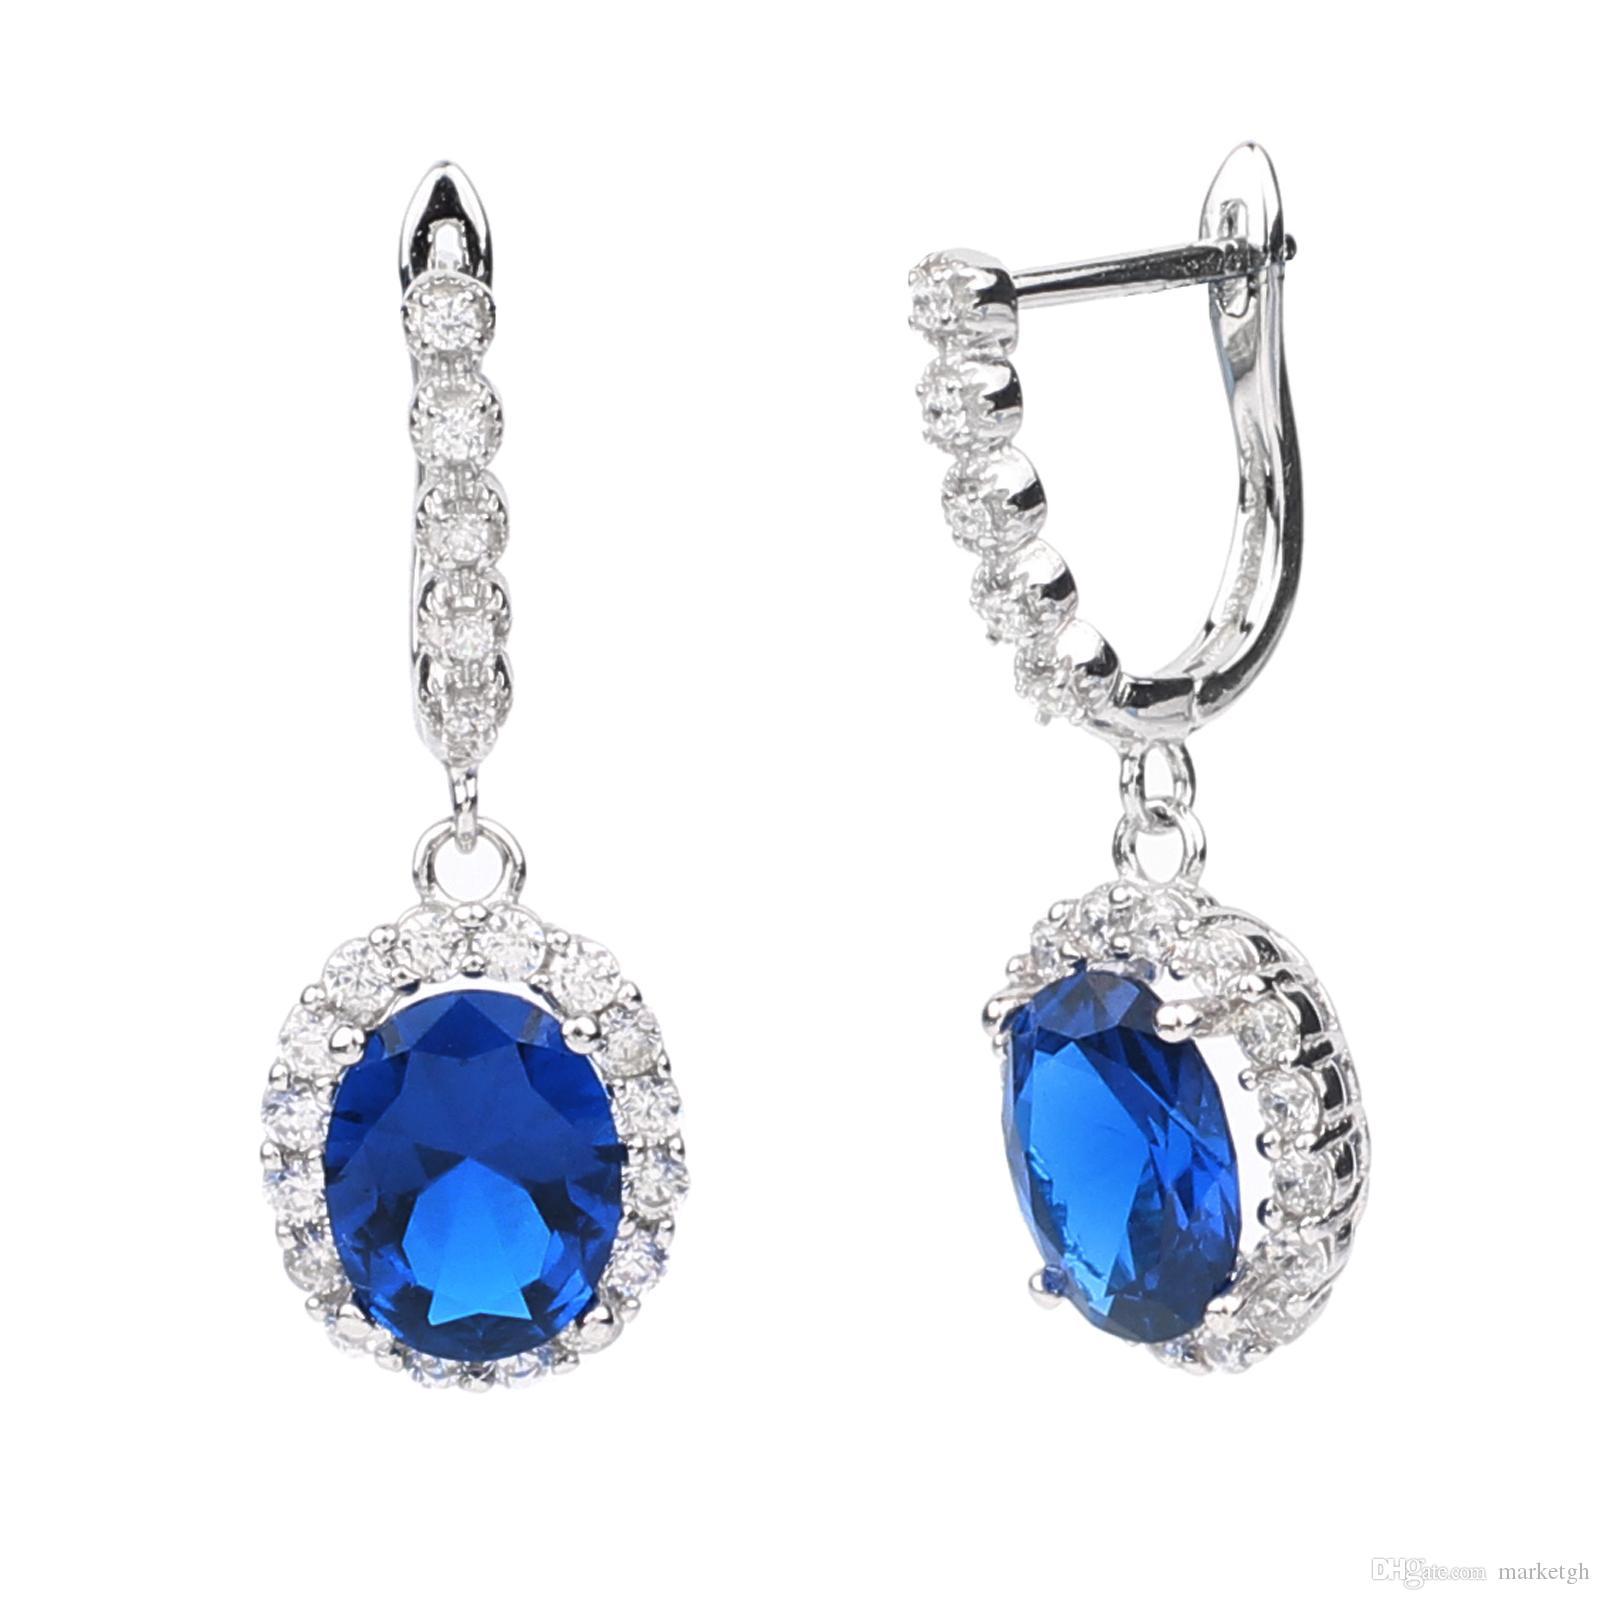 Donne 925 orecchini pendenti in argento sterlina timbro 7x9mm ovale cubic zirconia gioielli huggie parte accessorio accessorio partito usura E043